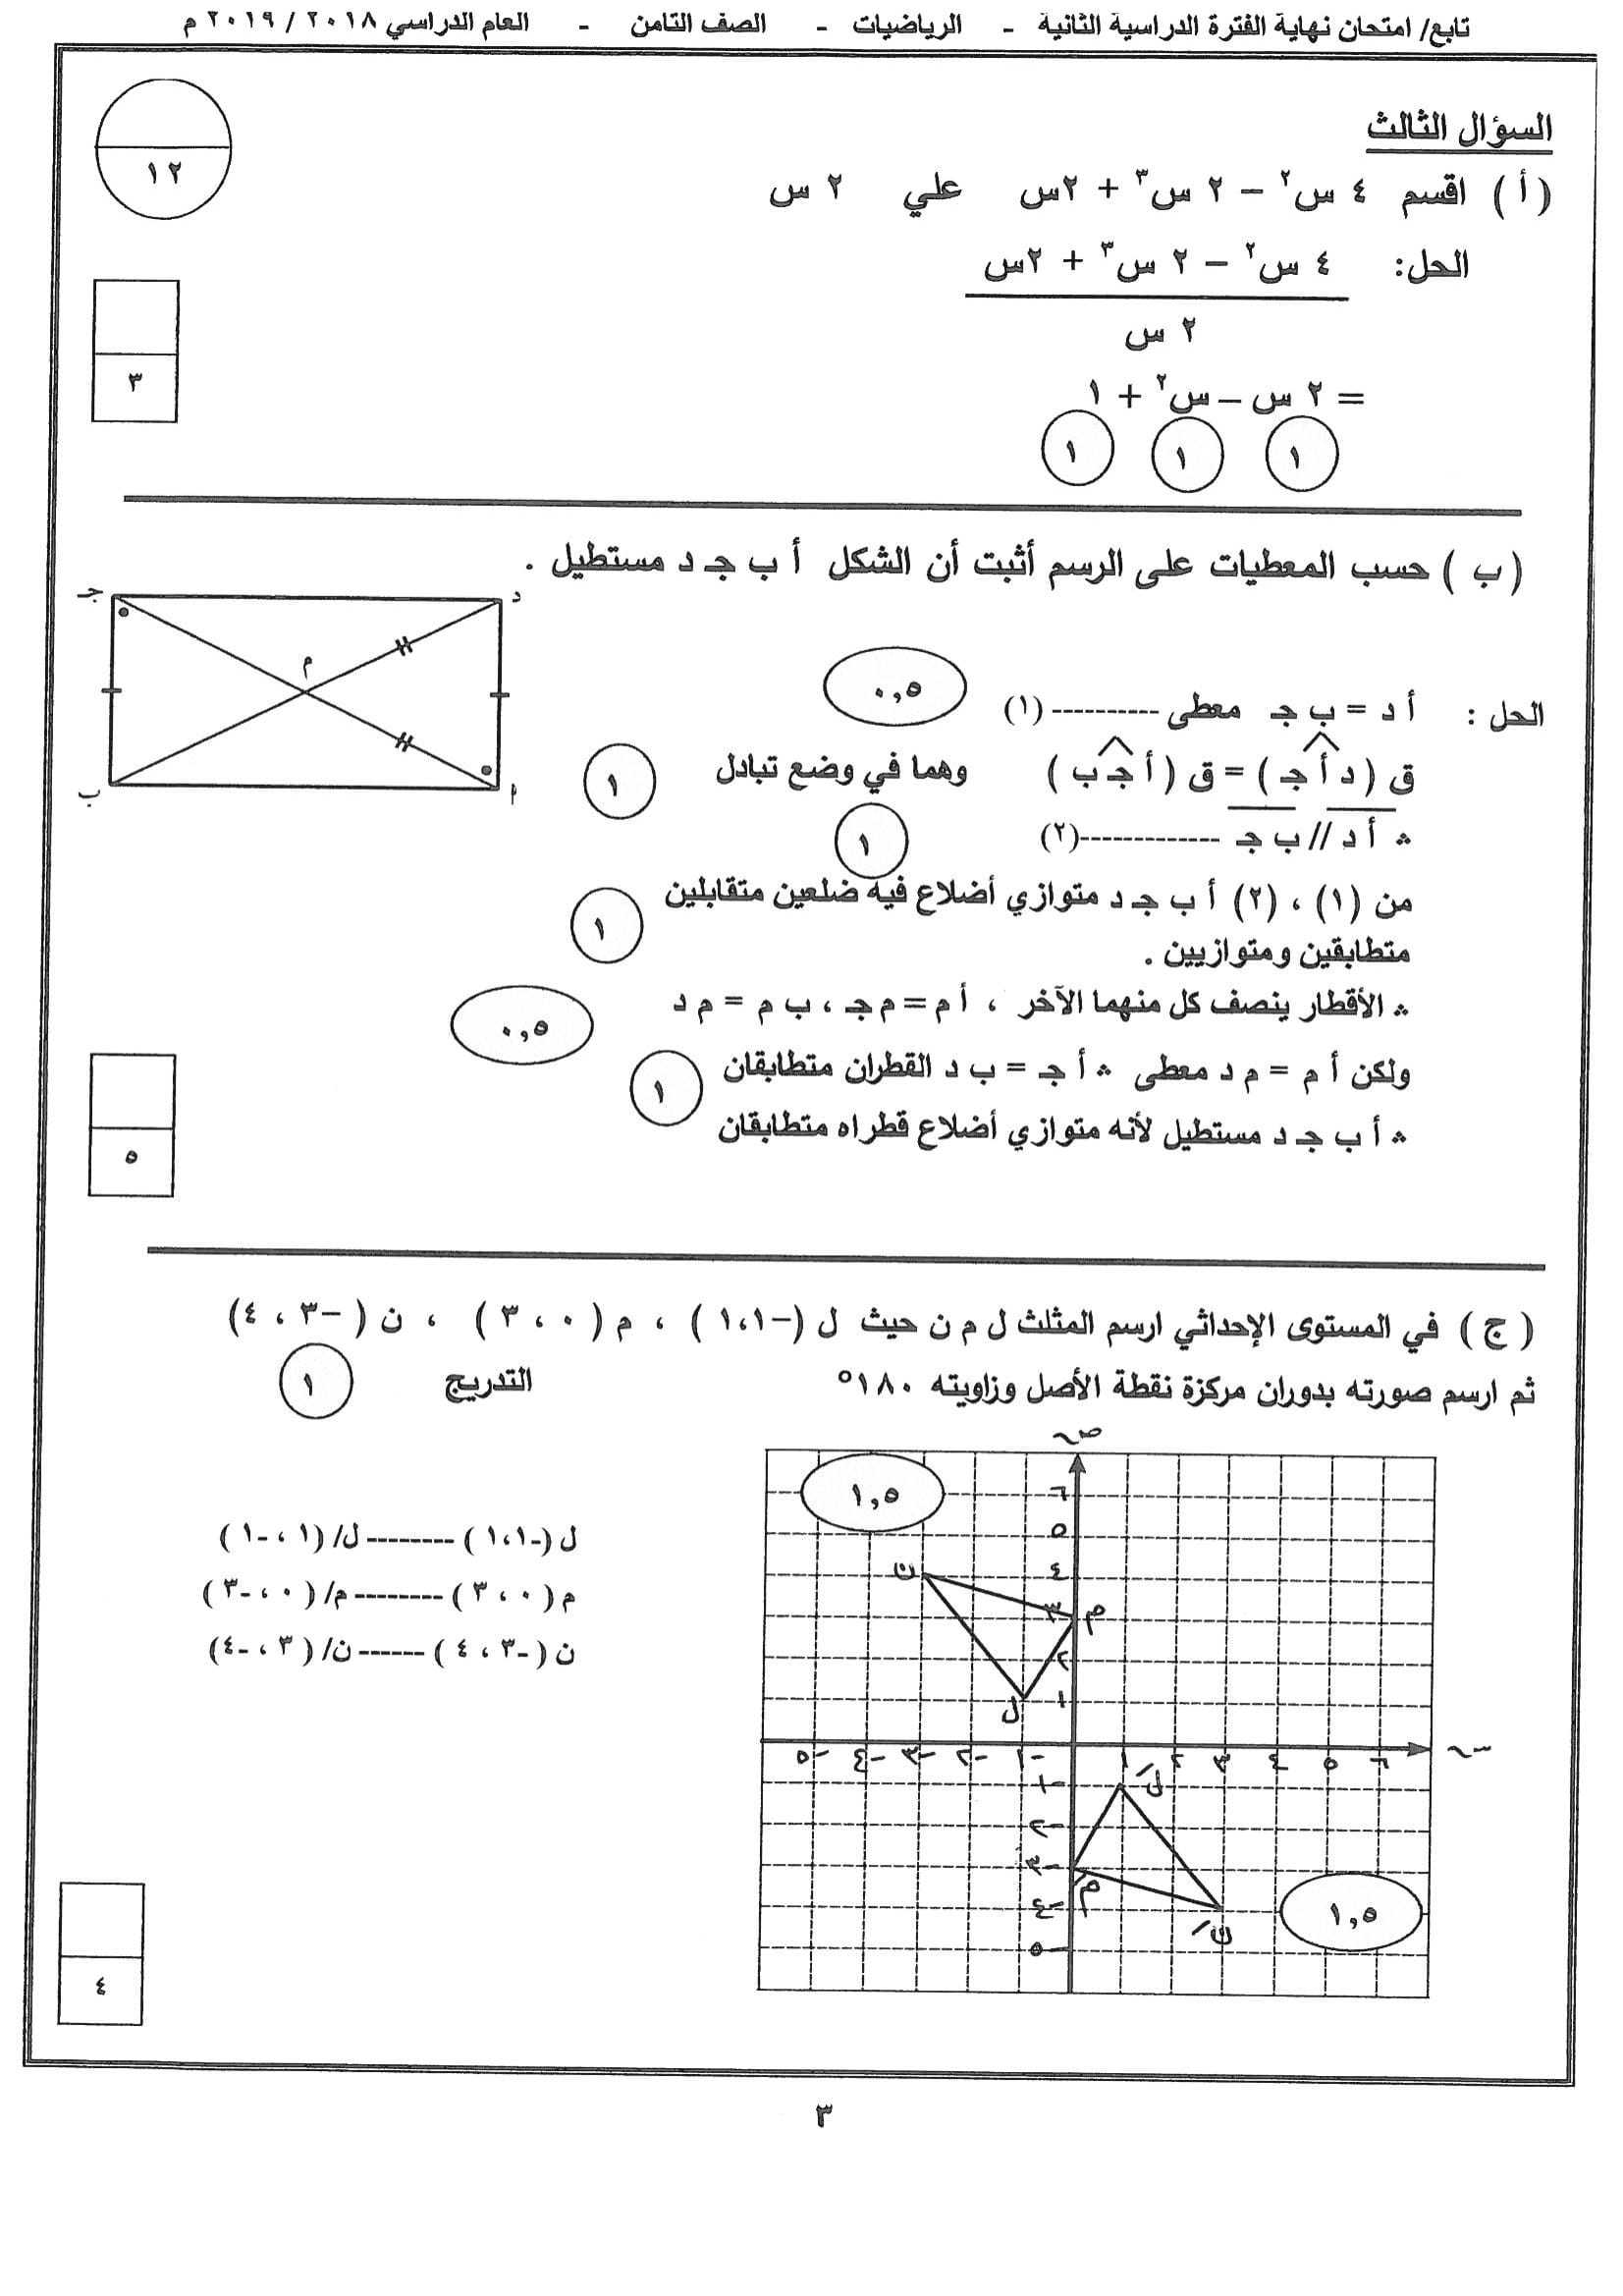 نموذج اجابة اختبار مادةالرياضيات الثامن الفصل الثاني